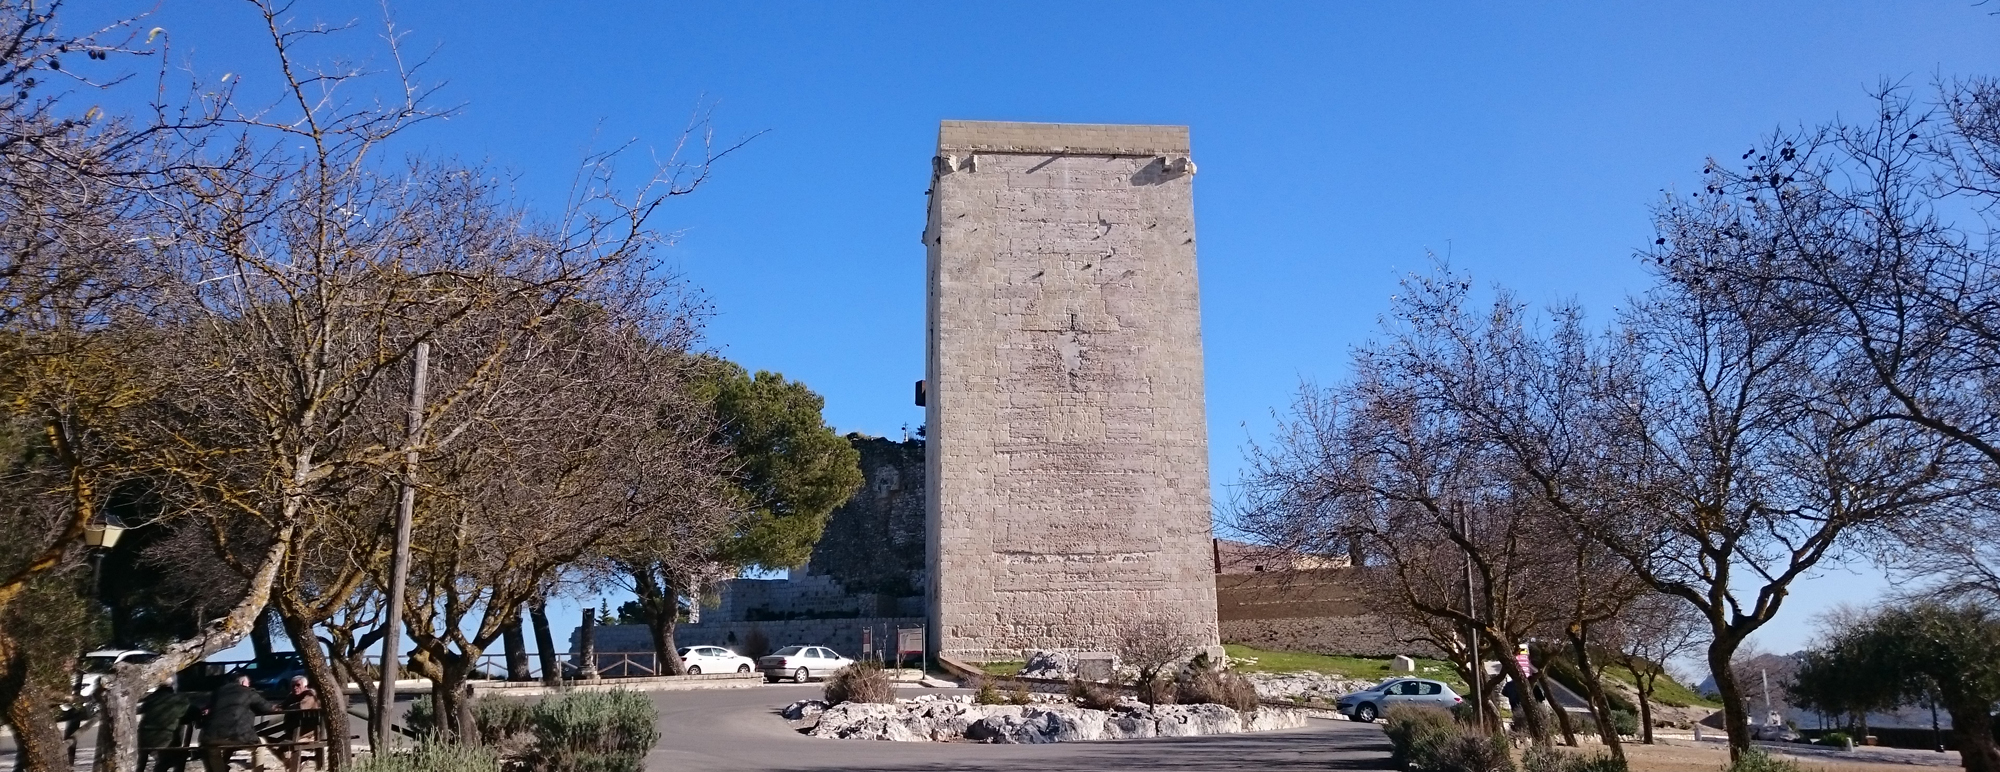 Torre del Homenaje de Estepa